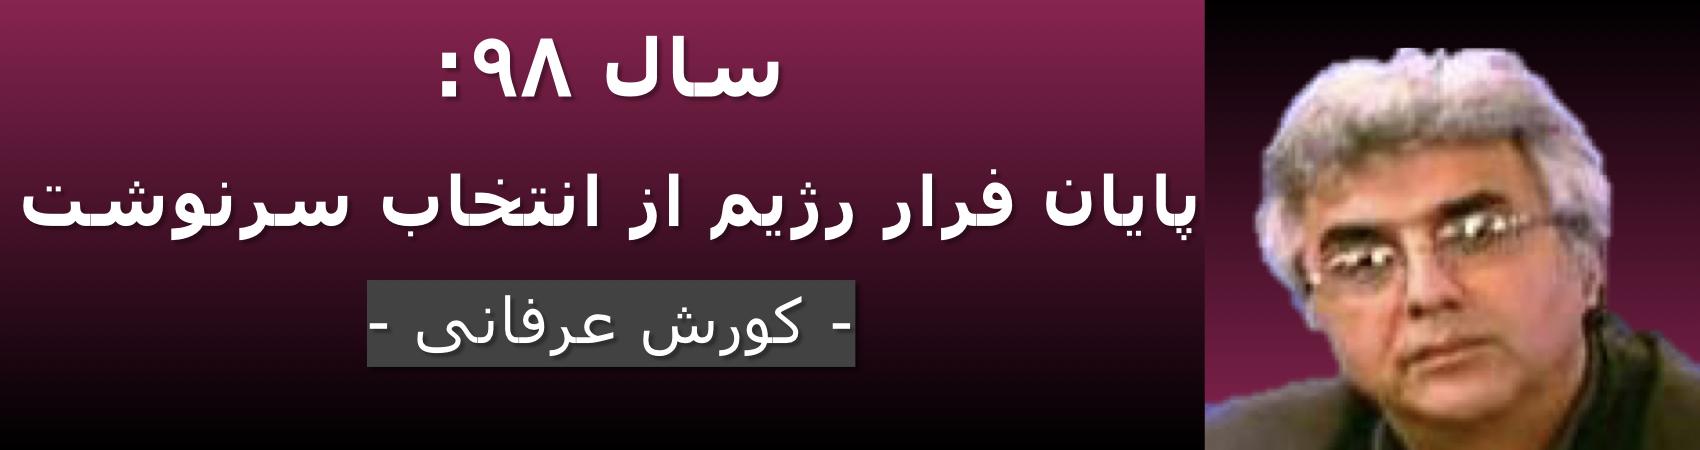 سال ۹۸: پایان فرار رژیم از انتخاب سرنوشت